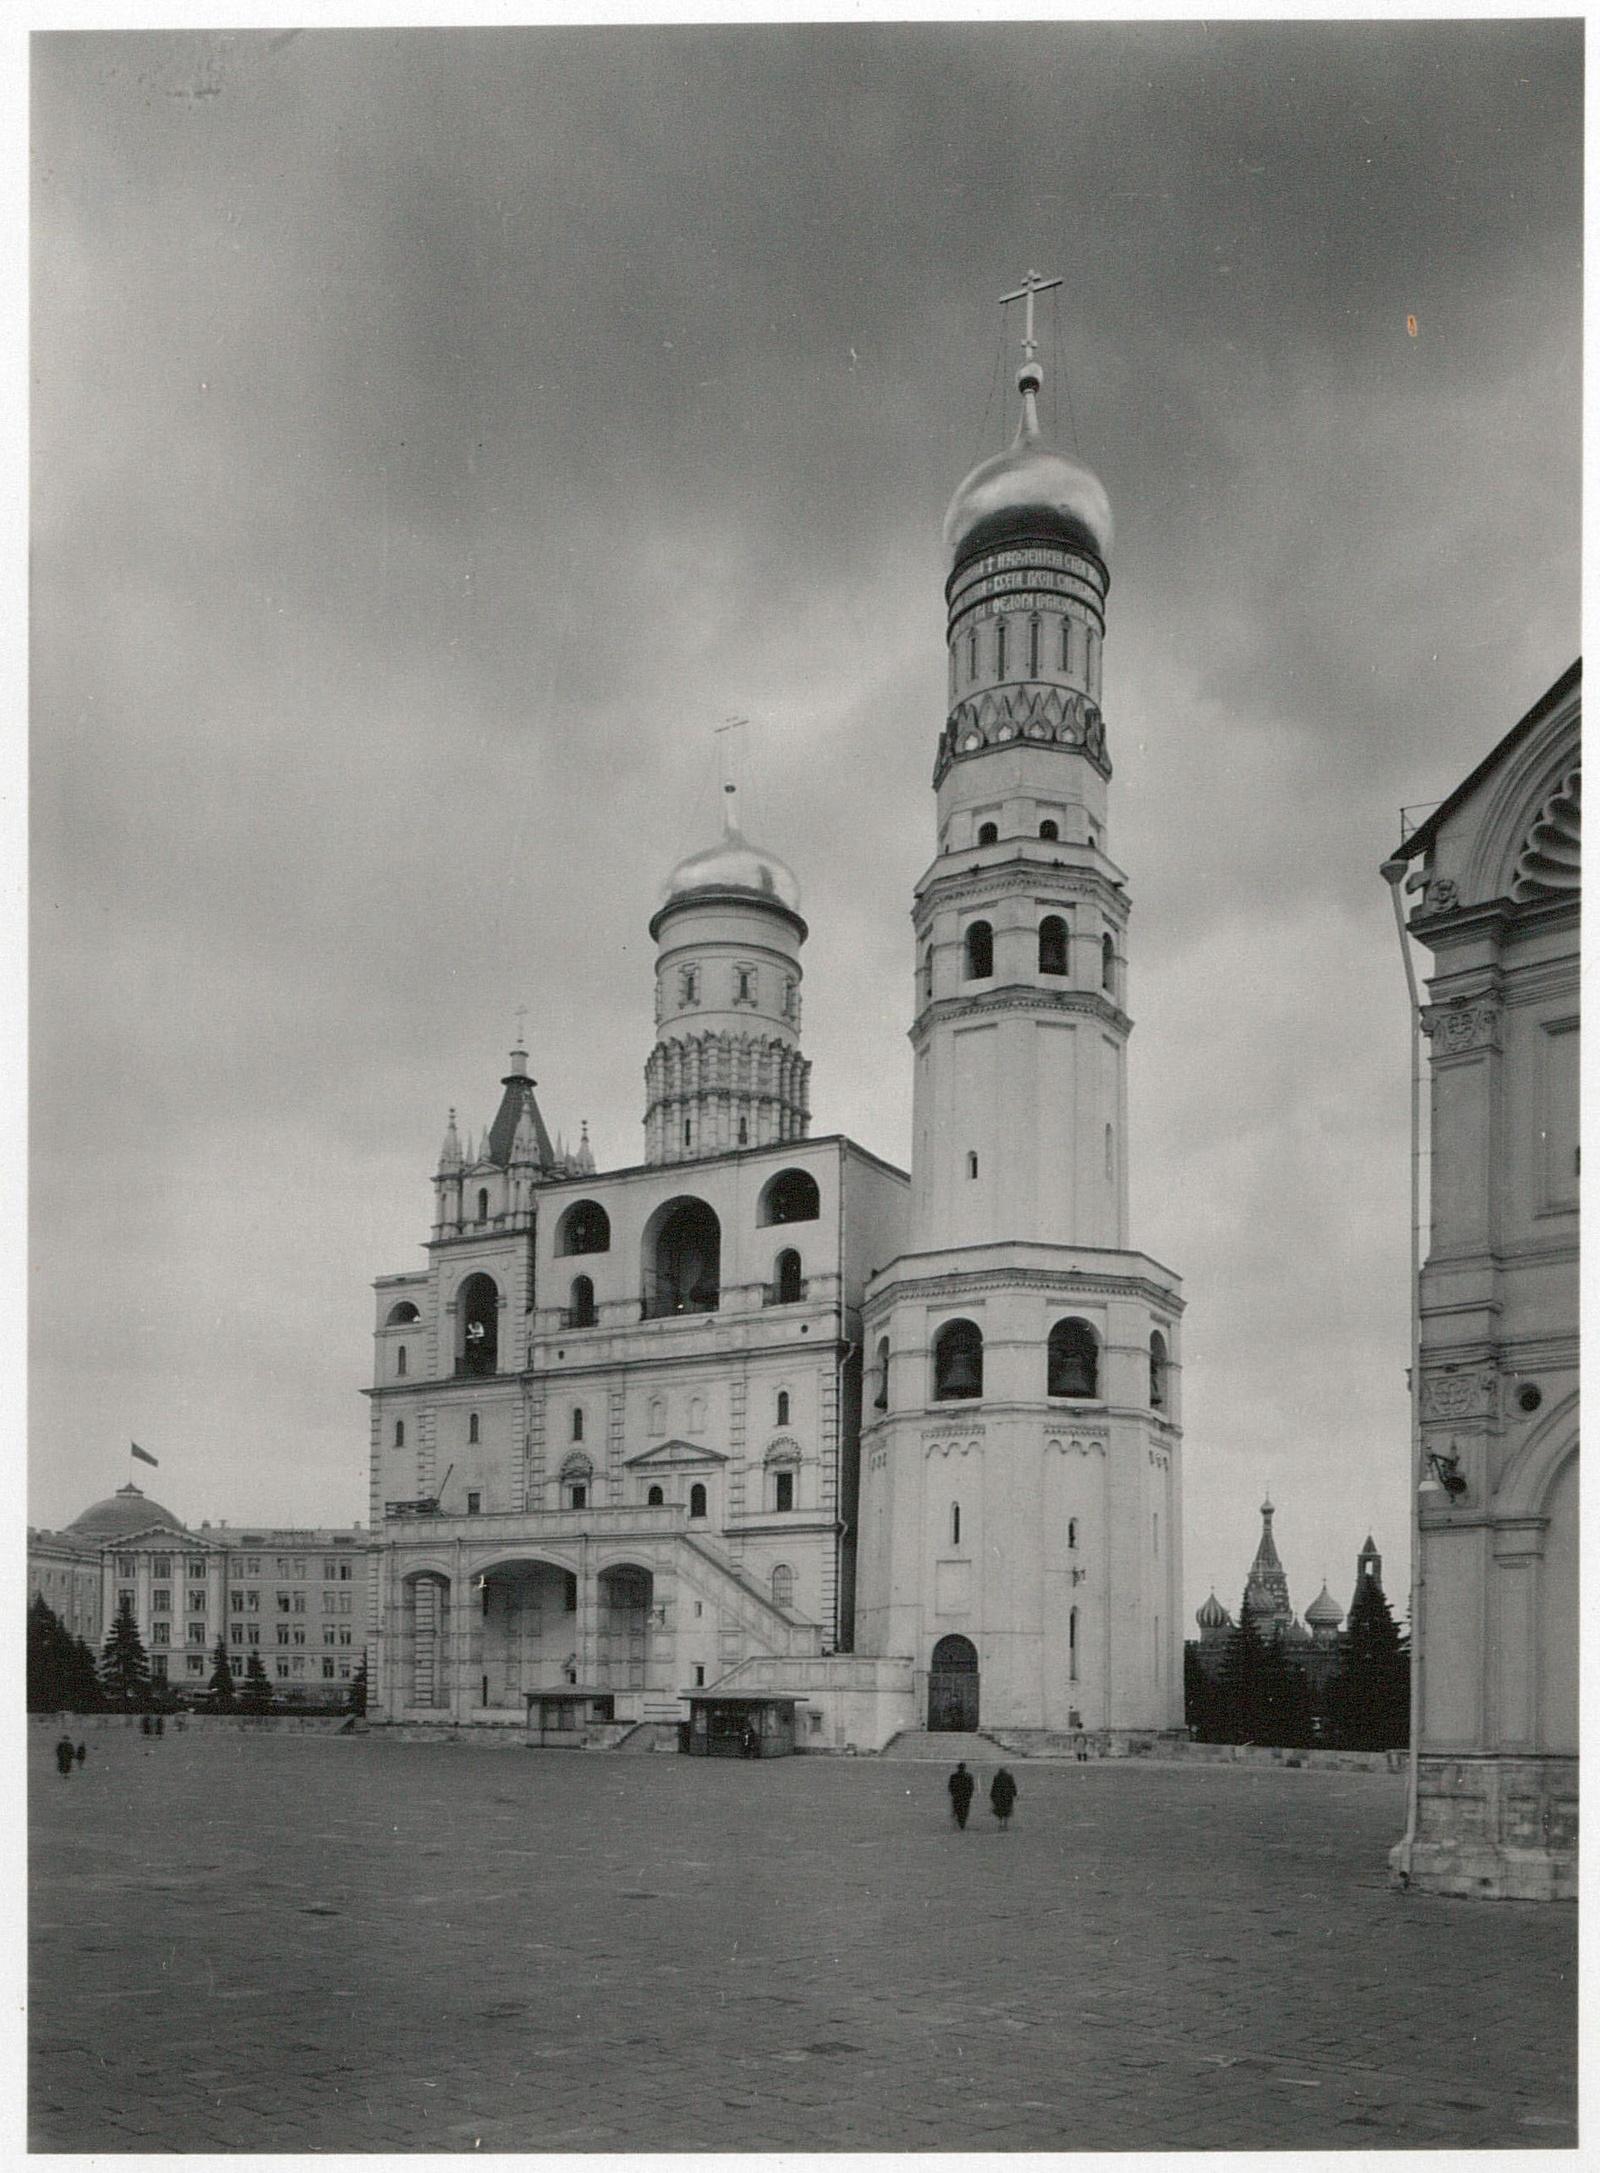 Кремль. Церковь и колокольня Ивана Великого. Вид с юго-запада